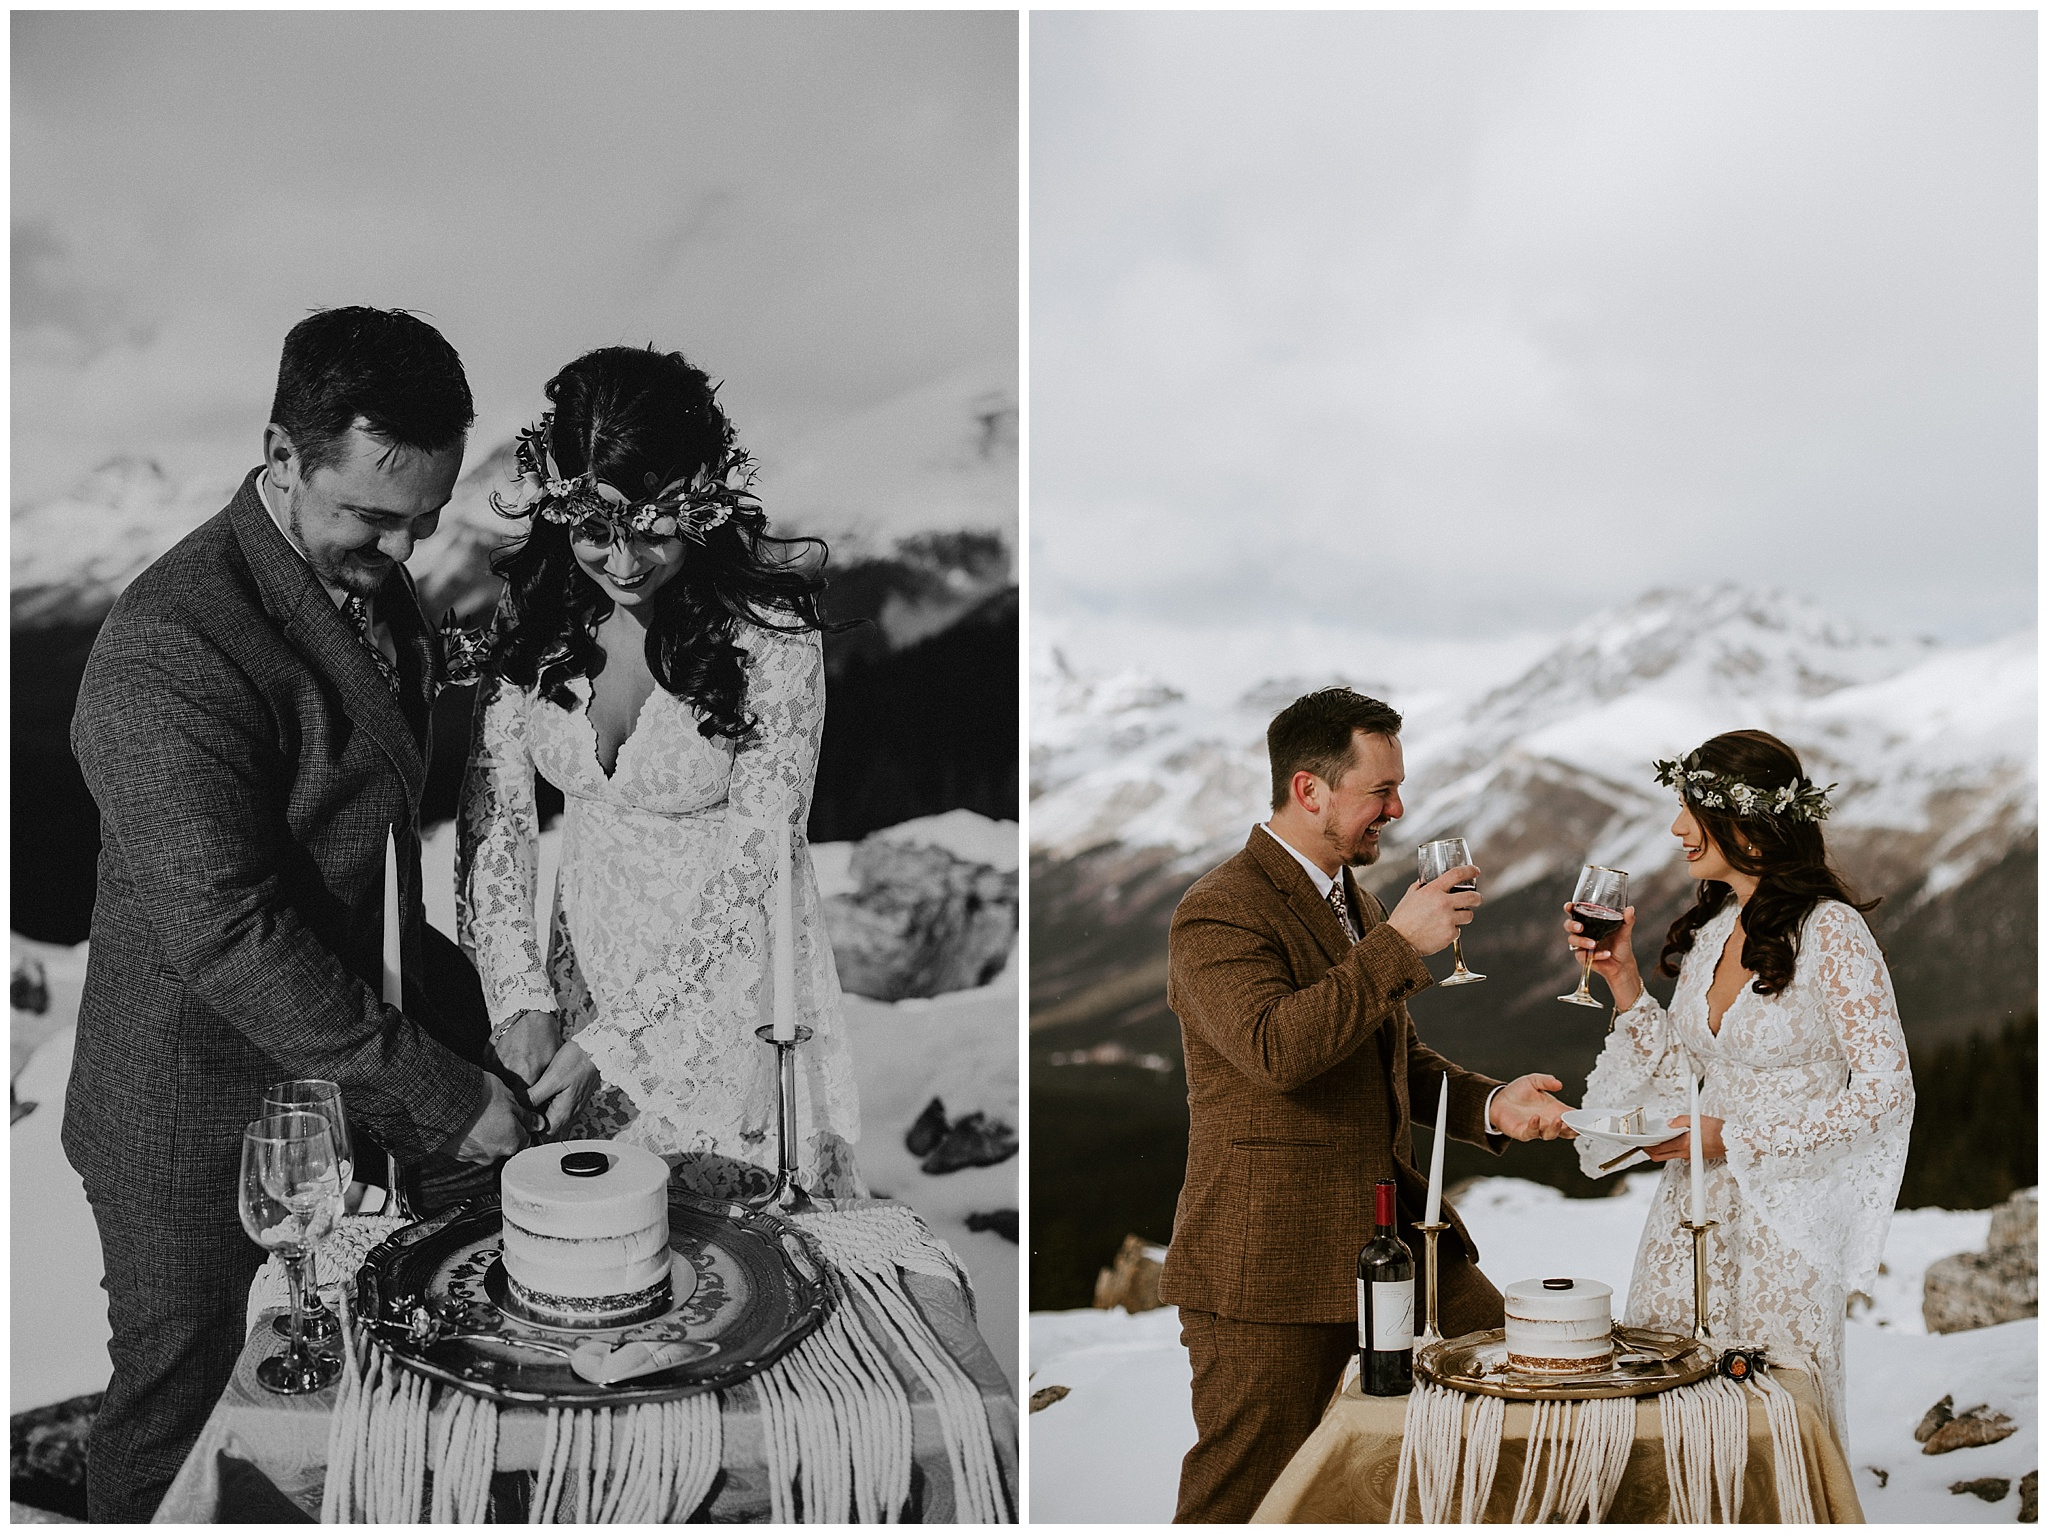 peyto-lake-wedding-photos-28.JPG